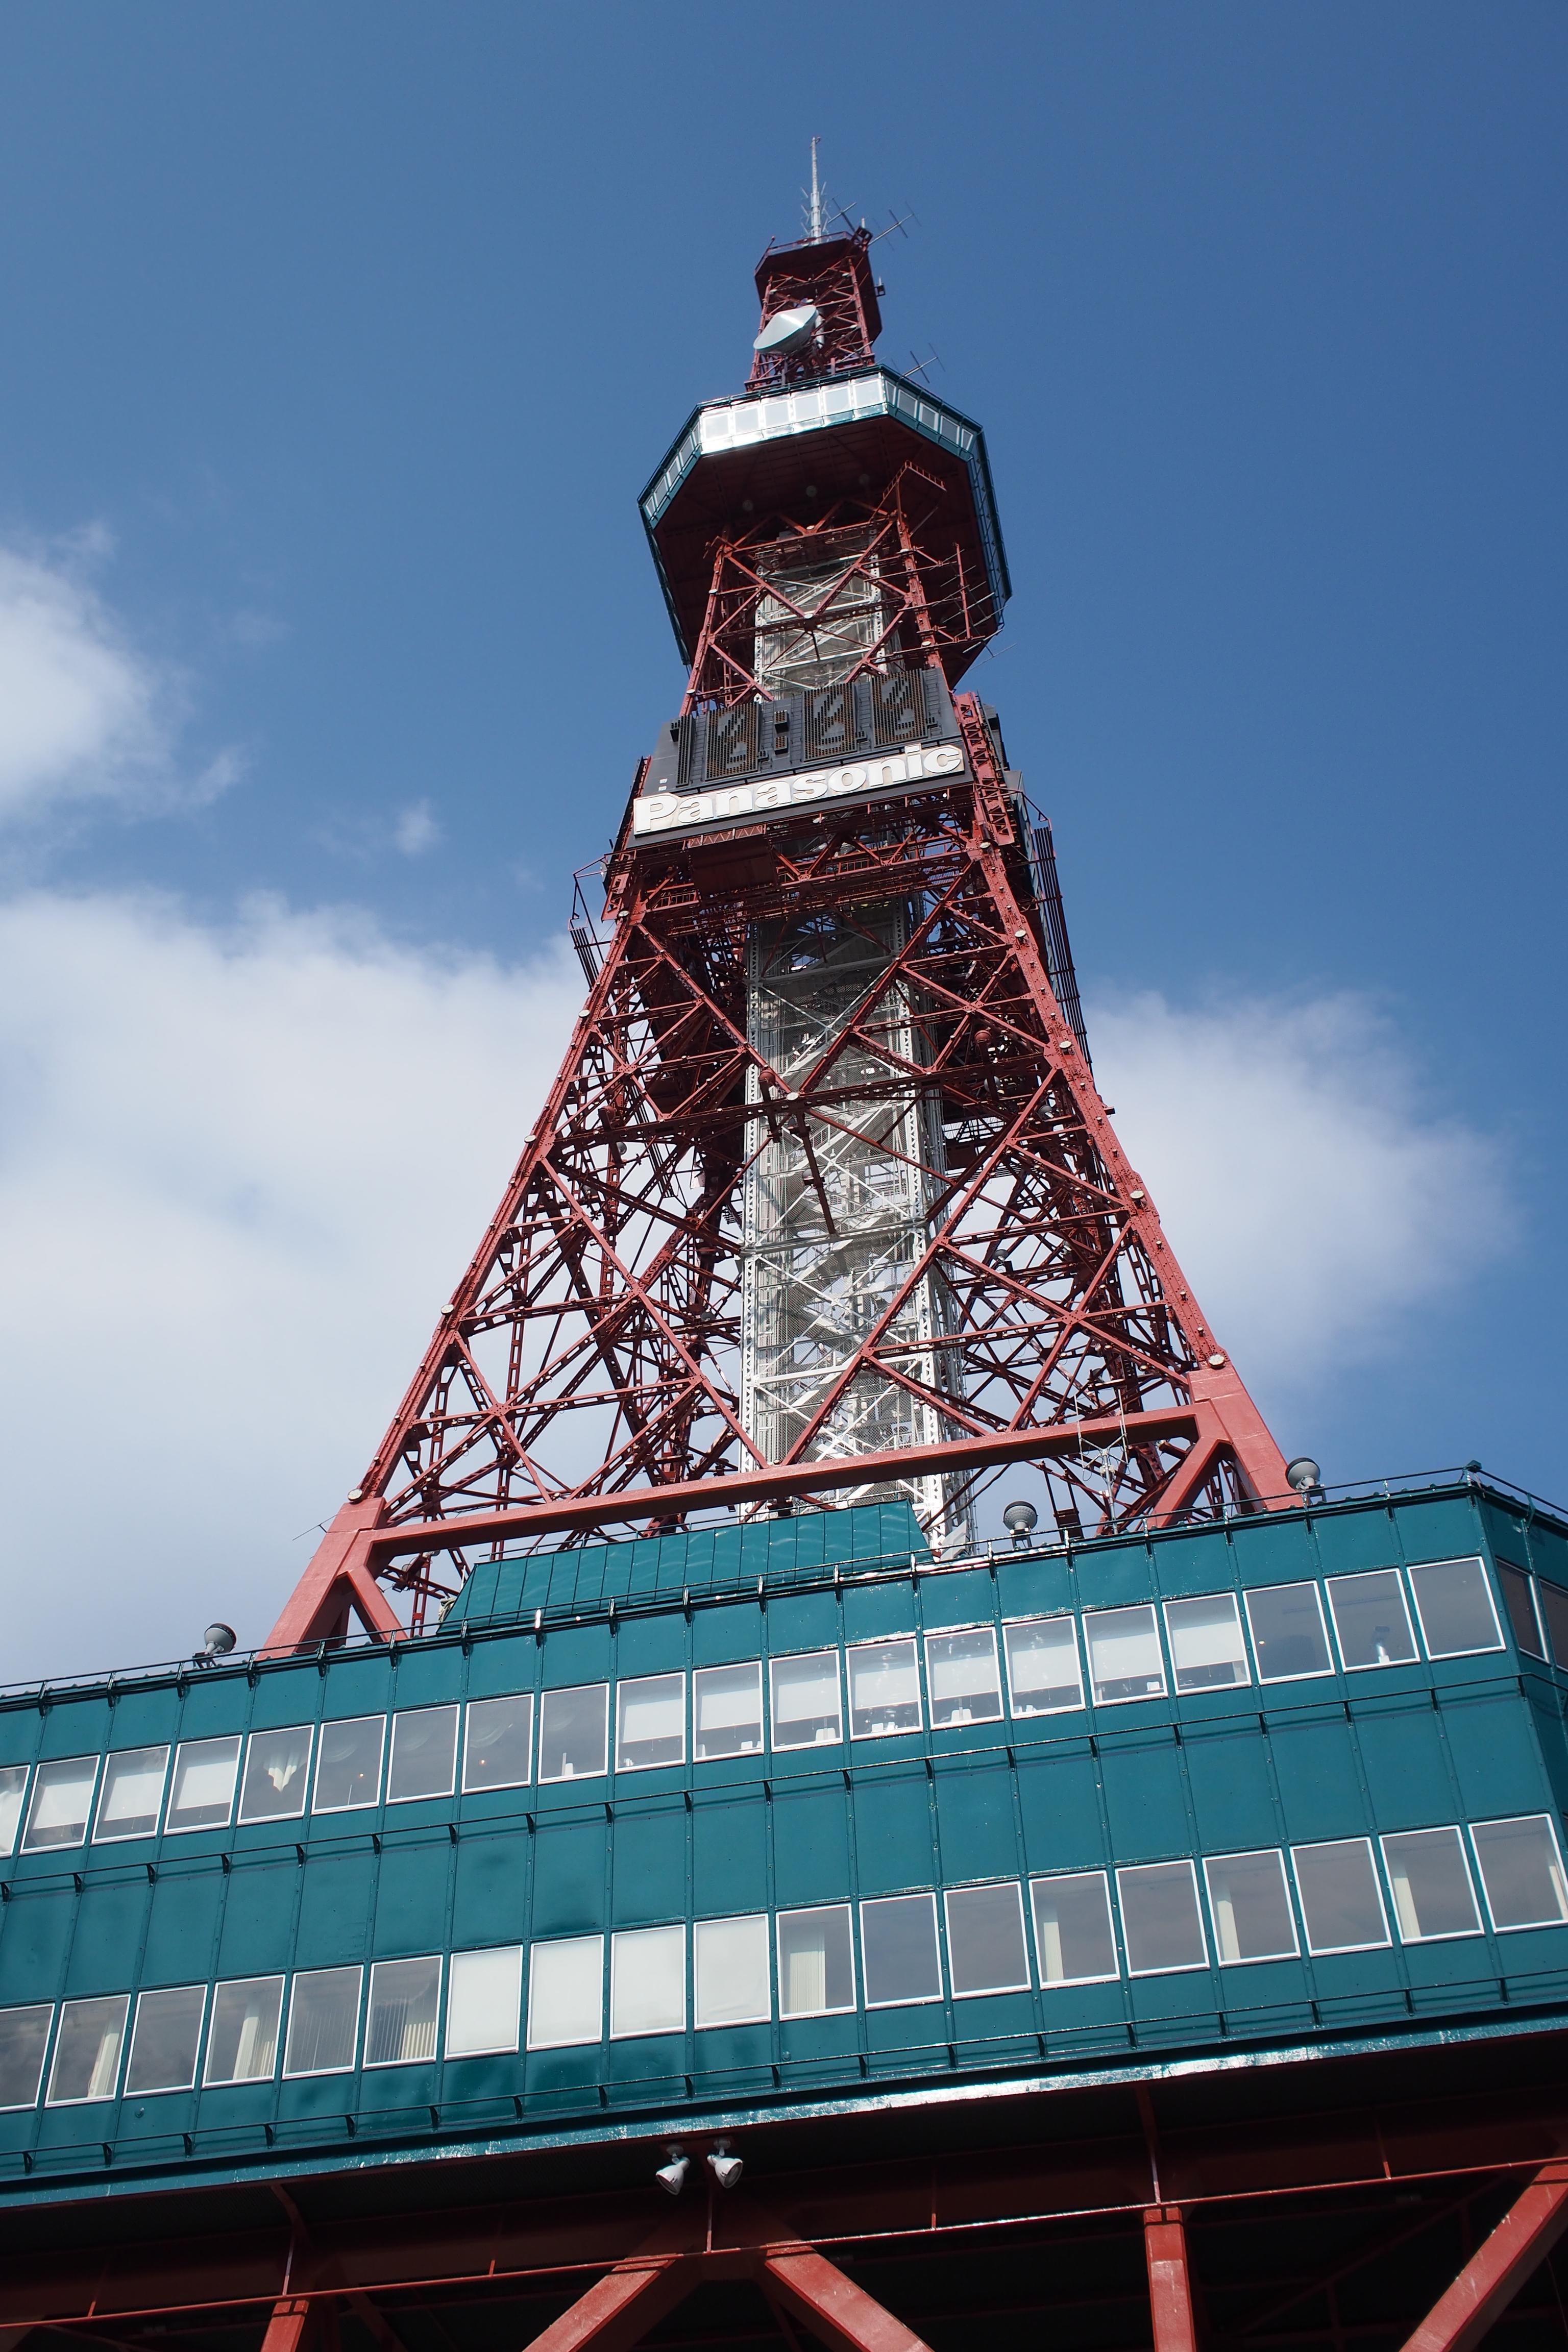 ちなみに、この春お色直ししたばかりのテレビ塔。鉄骨の細かい部分まできれいに解像している。このレンズもお買い得品だなぁって思う。M.ZUIKO DIGITAL 17mm F1.8 / 1/3,200秒 / F3.5 / 0EV / ISO200 / 絞り優先AE / WB:晴天 / 17mm